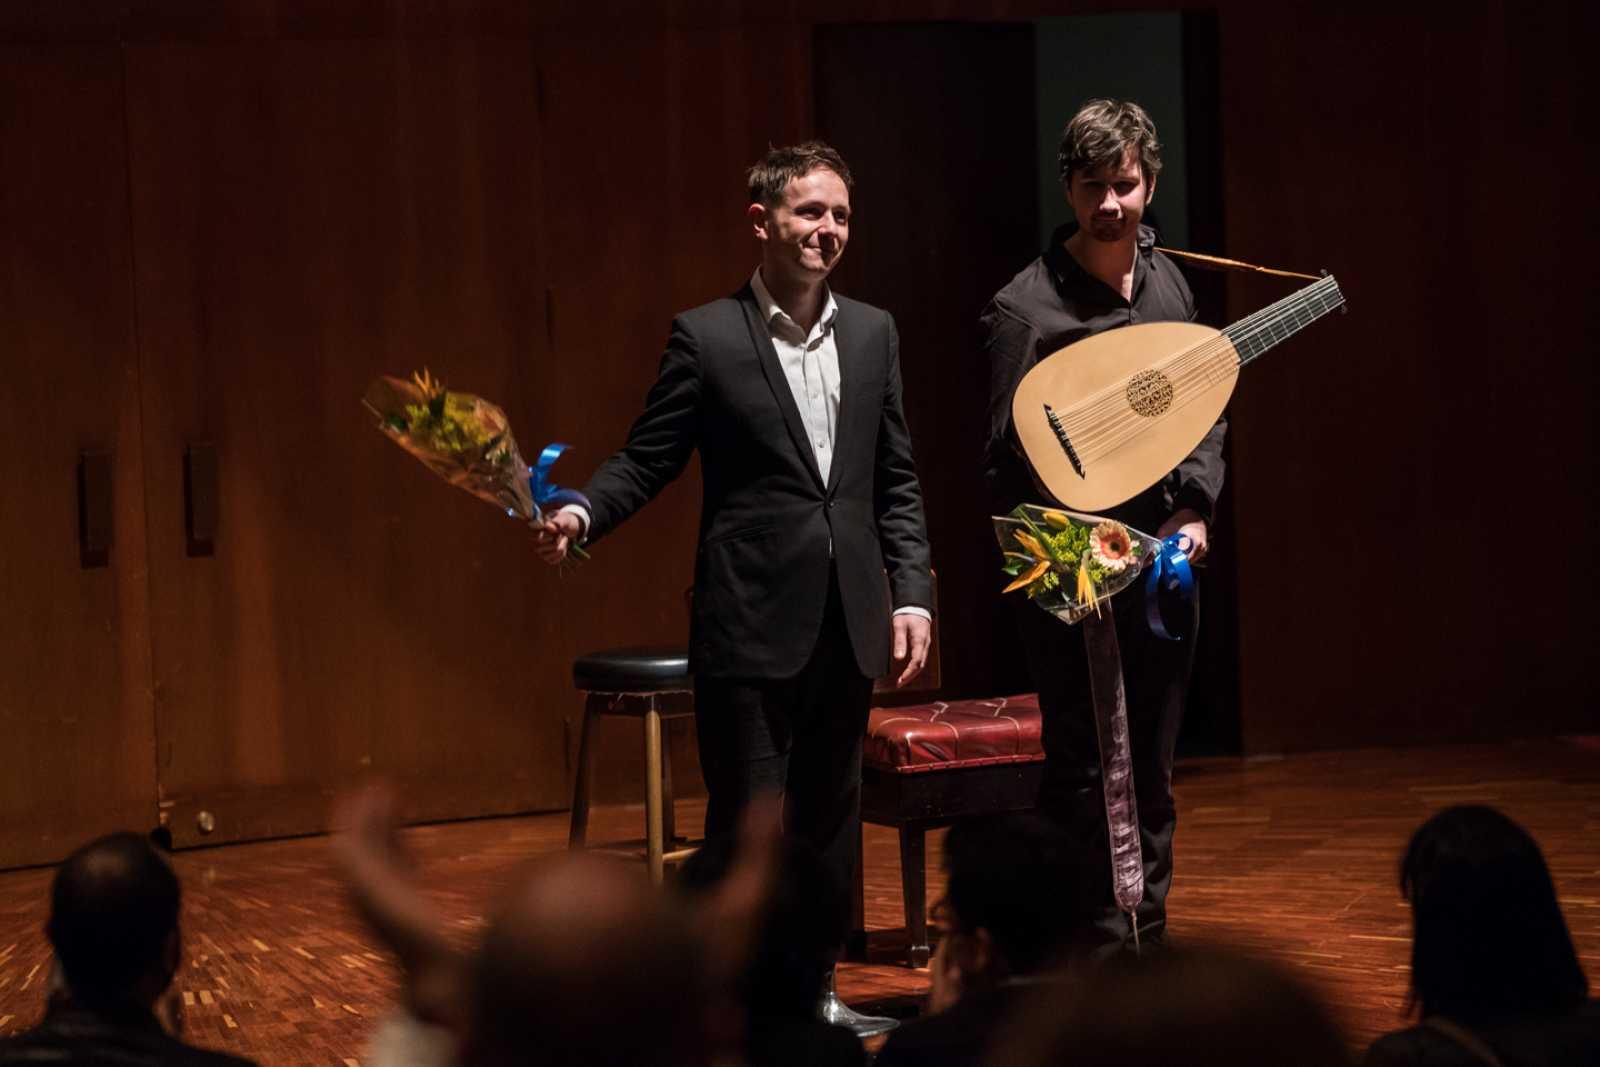 Fila cero - Fundación Juan March: Clausura de la Temporada 2020-21 - 26/05/21 - escuchar ahora